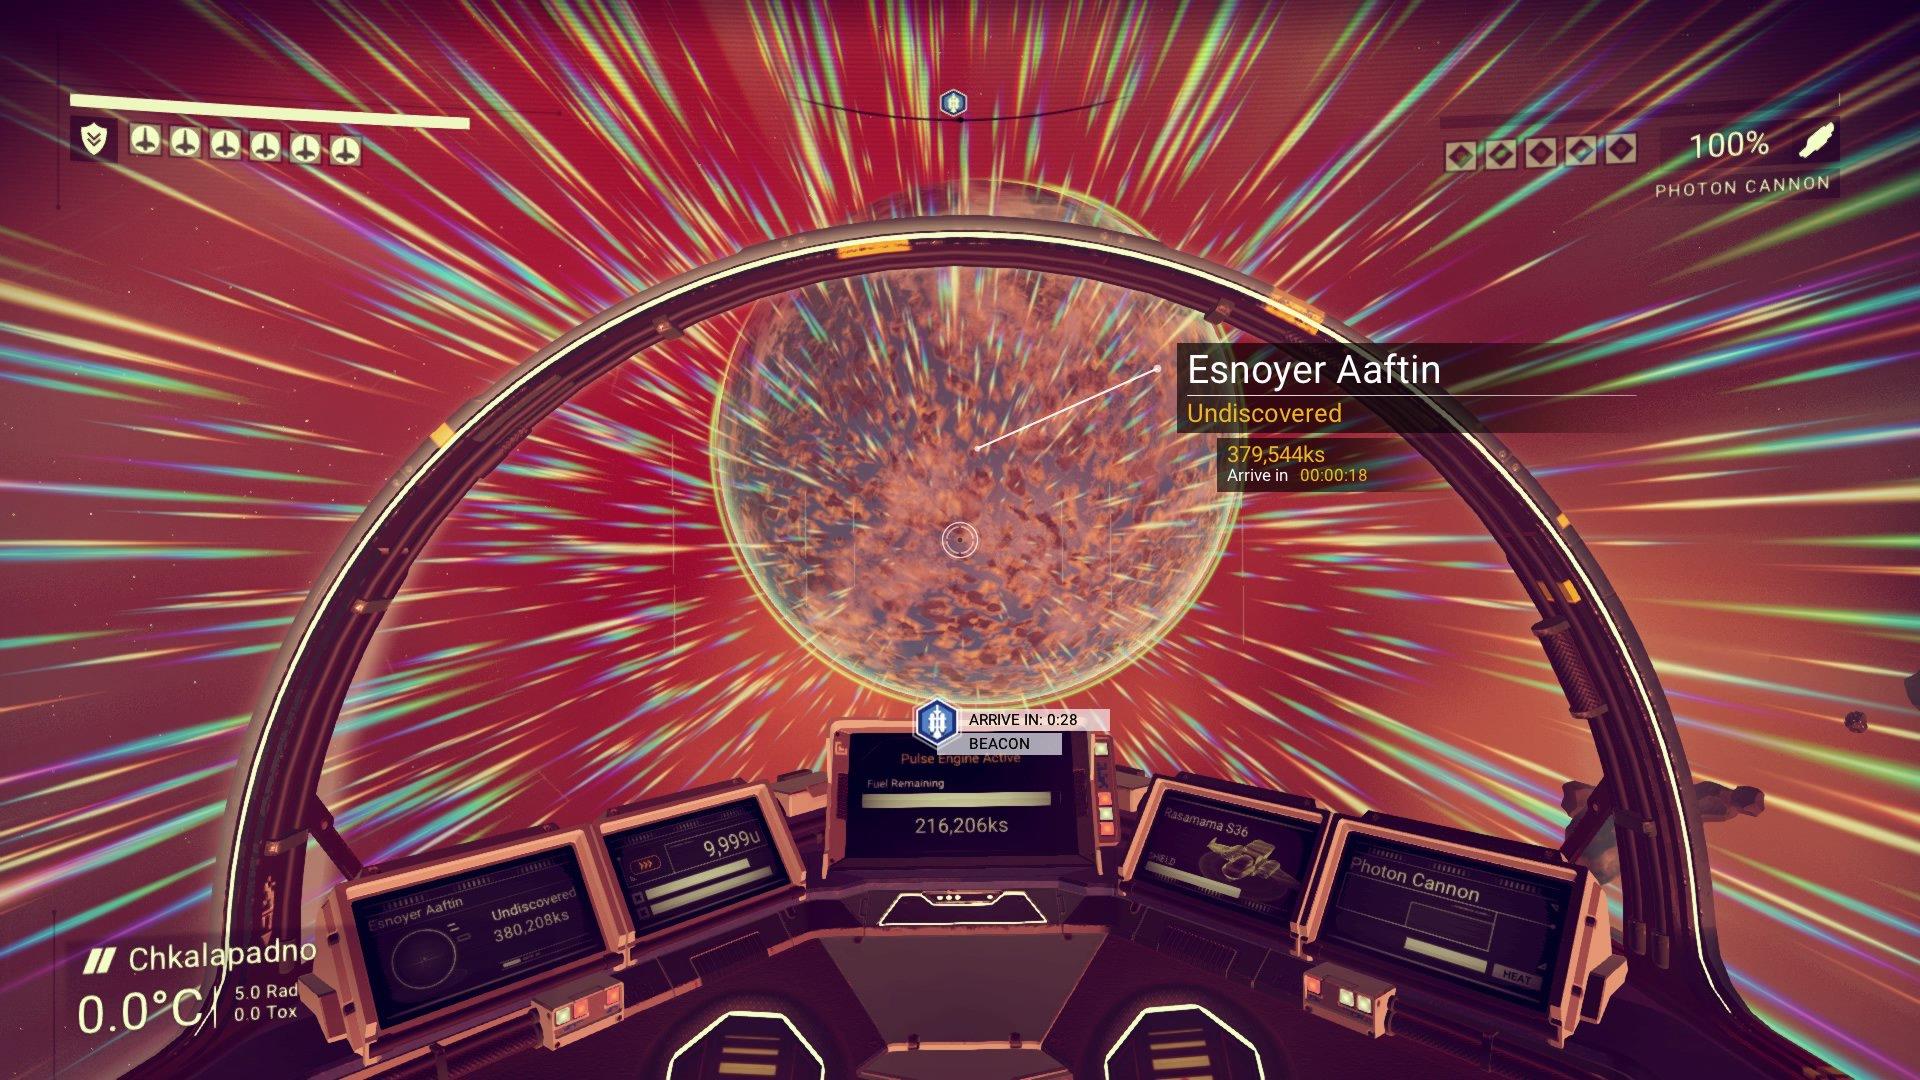 Let kroz svemir izgleda sjajno.